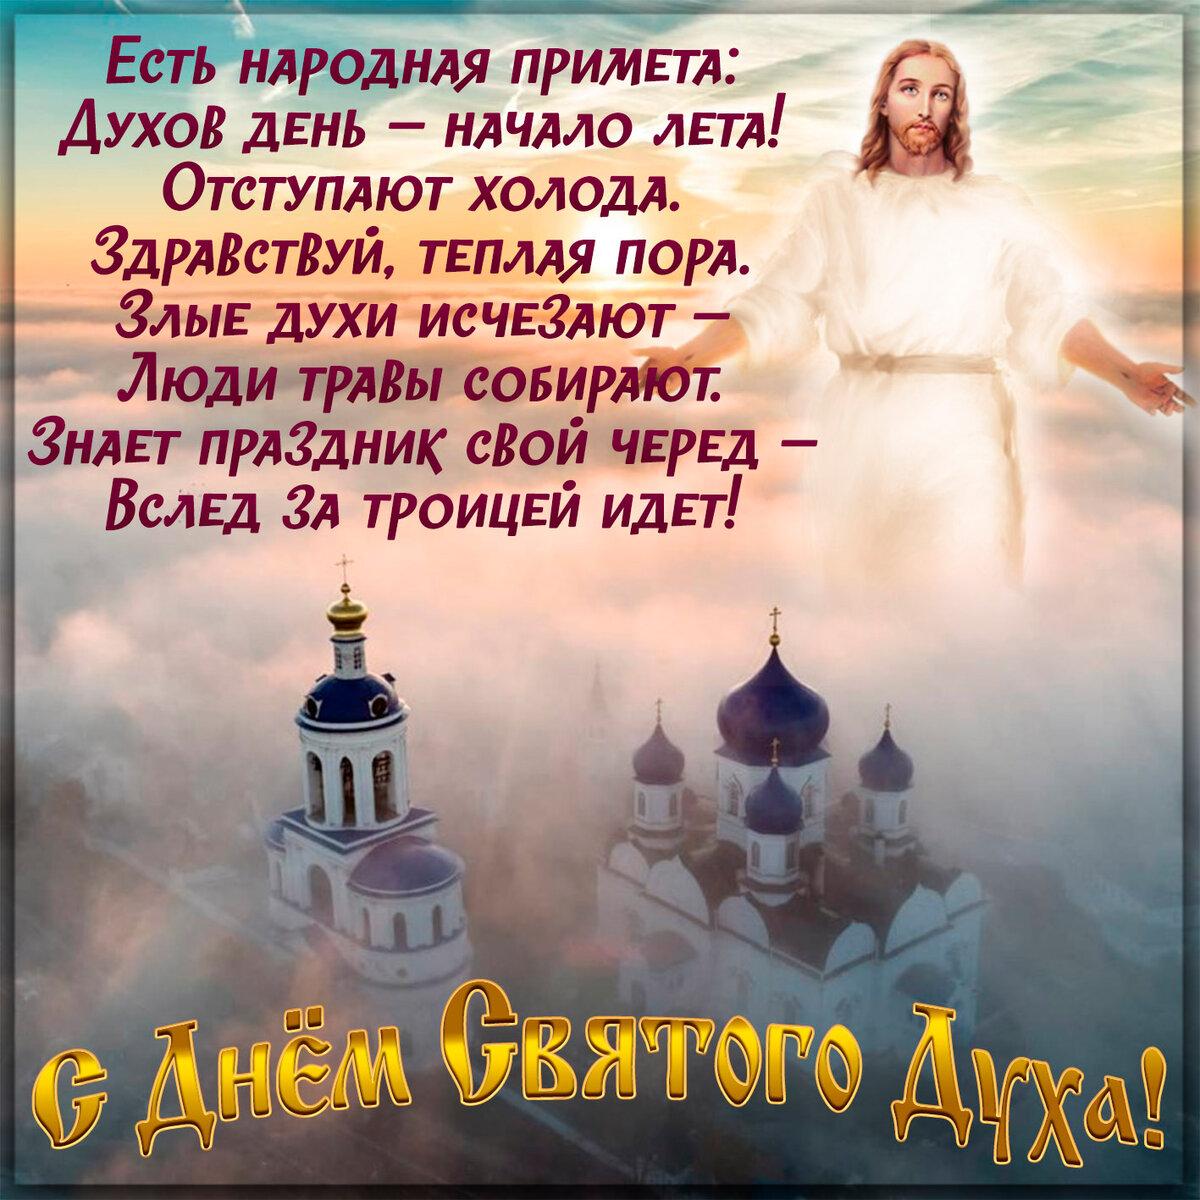 Картинки с праздником святого духа